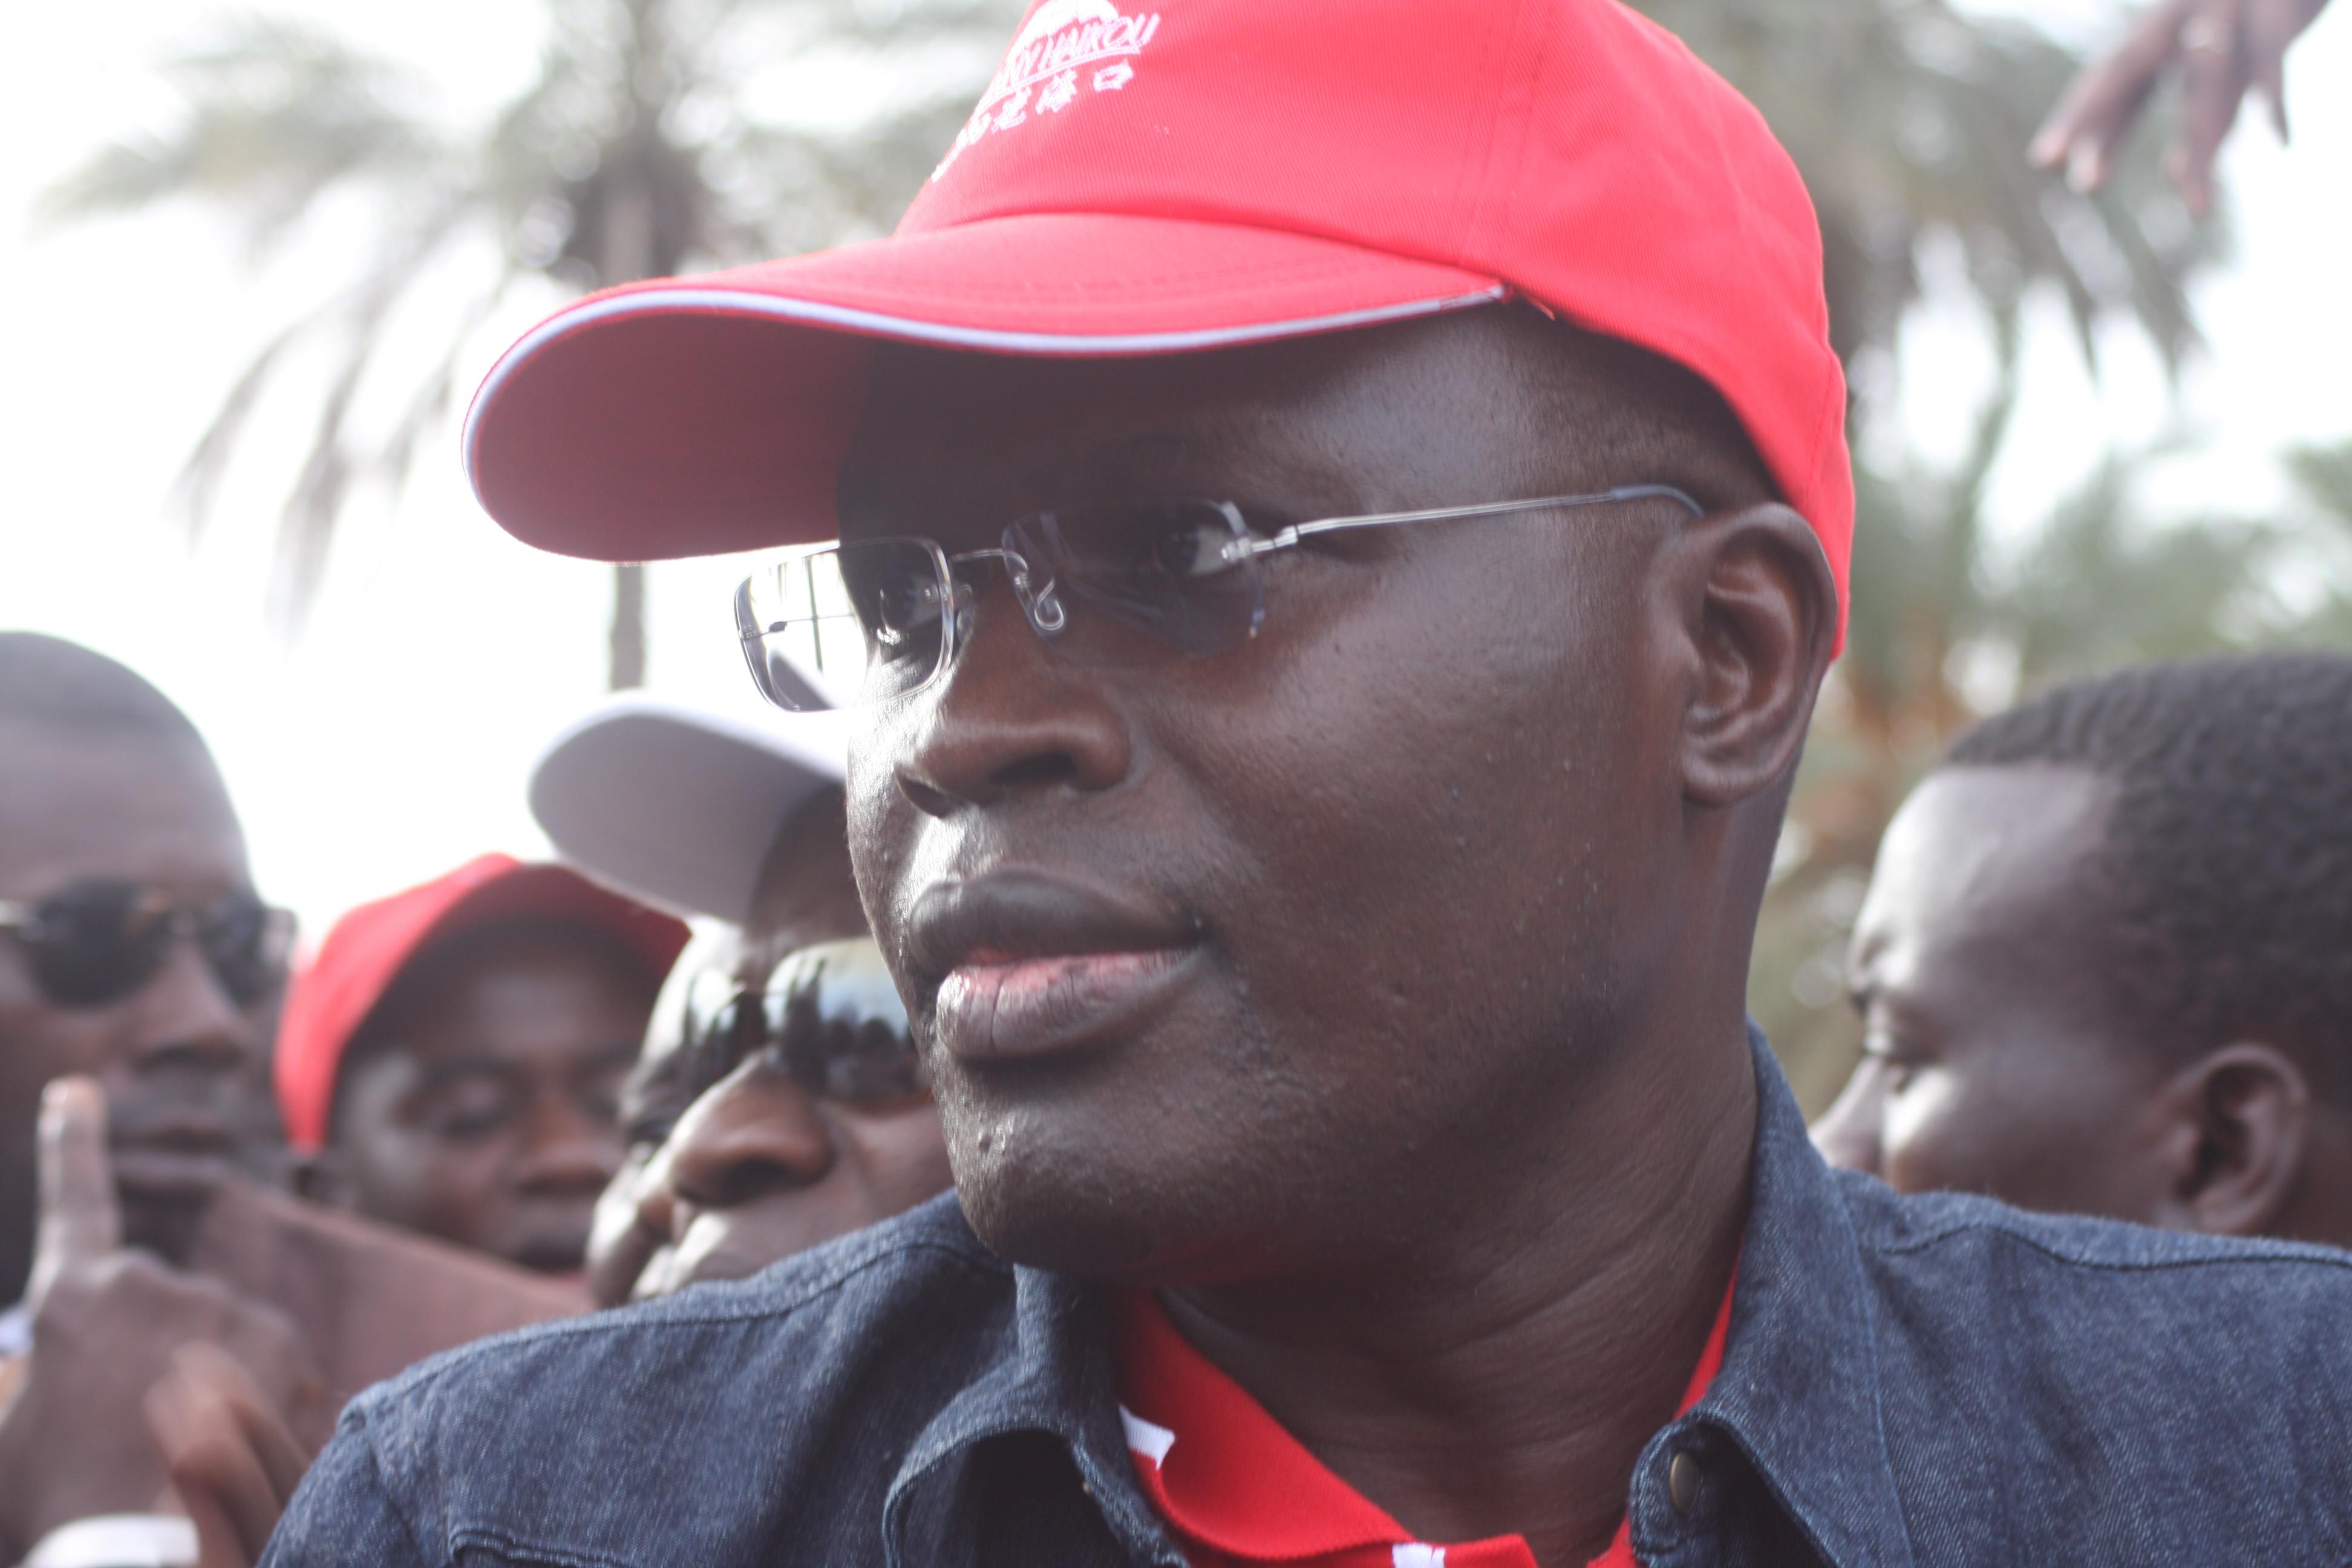 La Cour d'appel de Dakar casse la condamnation du maire Khalifa Sall et Mamadou Konaté